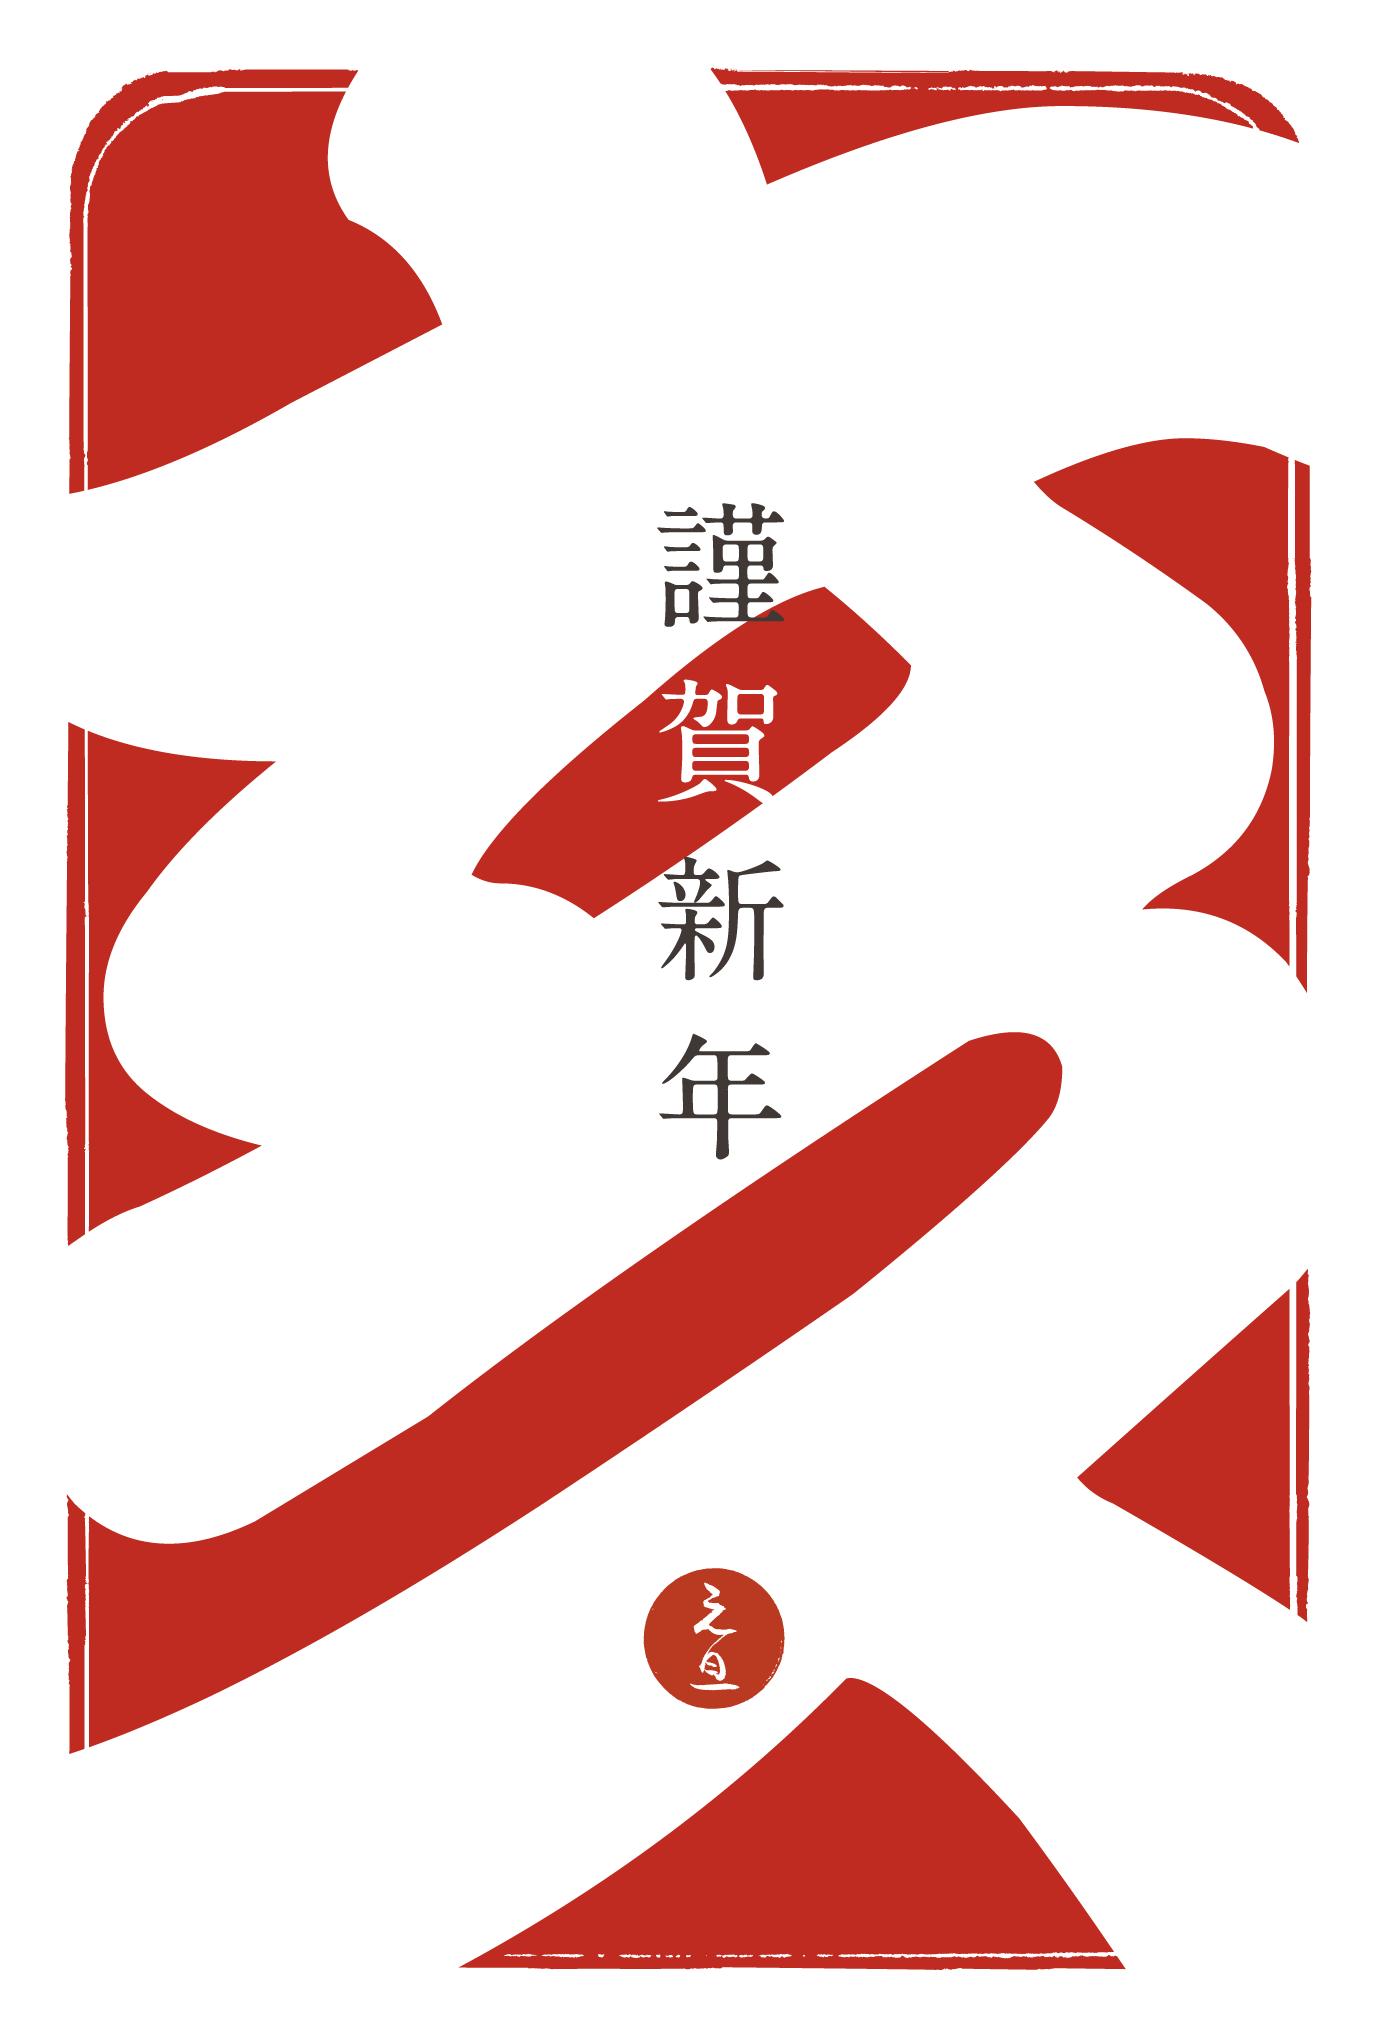 2019年賀状04-1:江戸勘亭流(亥)赤のダウンロード画像